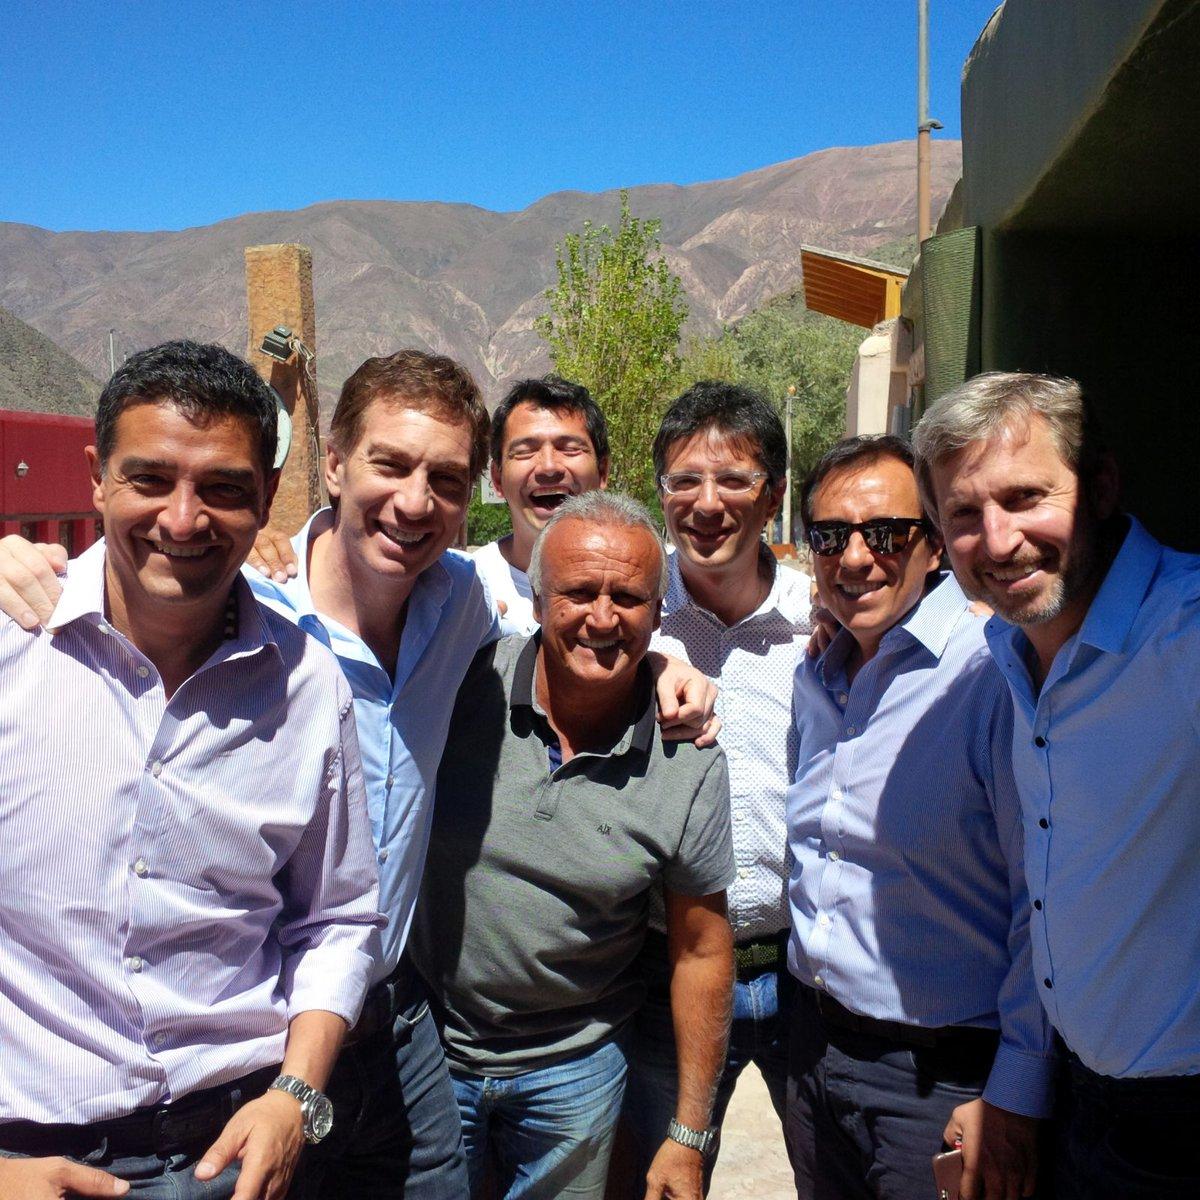 Camino a Humahuaca! Hoy todos con @mauriciomacri!  #YoCambio https://t.co/iZSU5ko4Ei